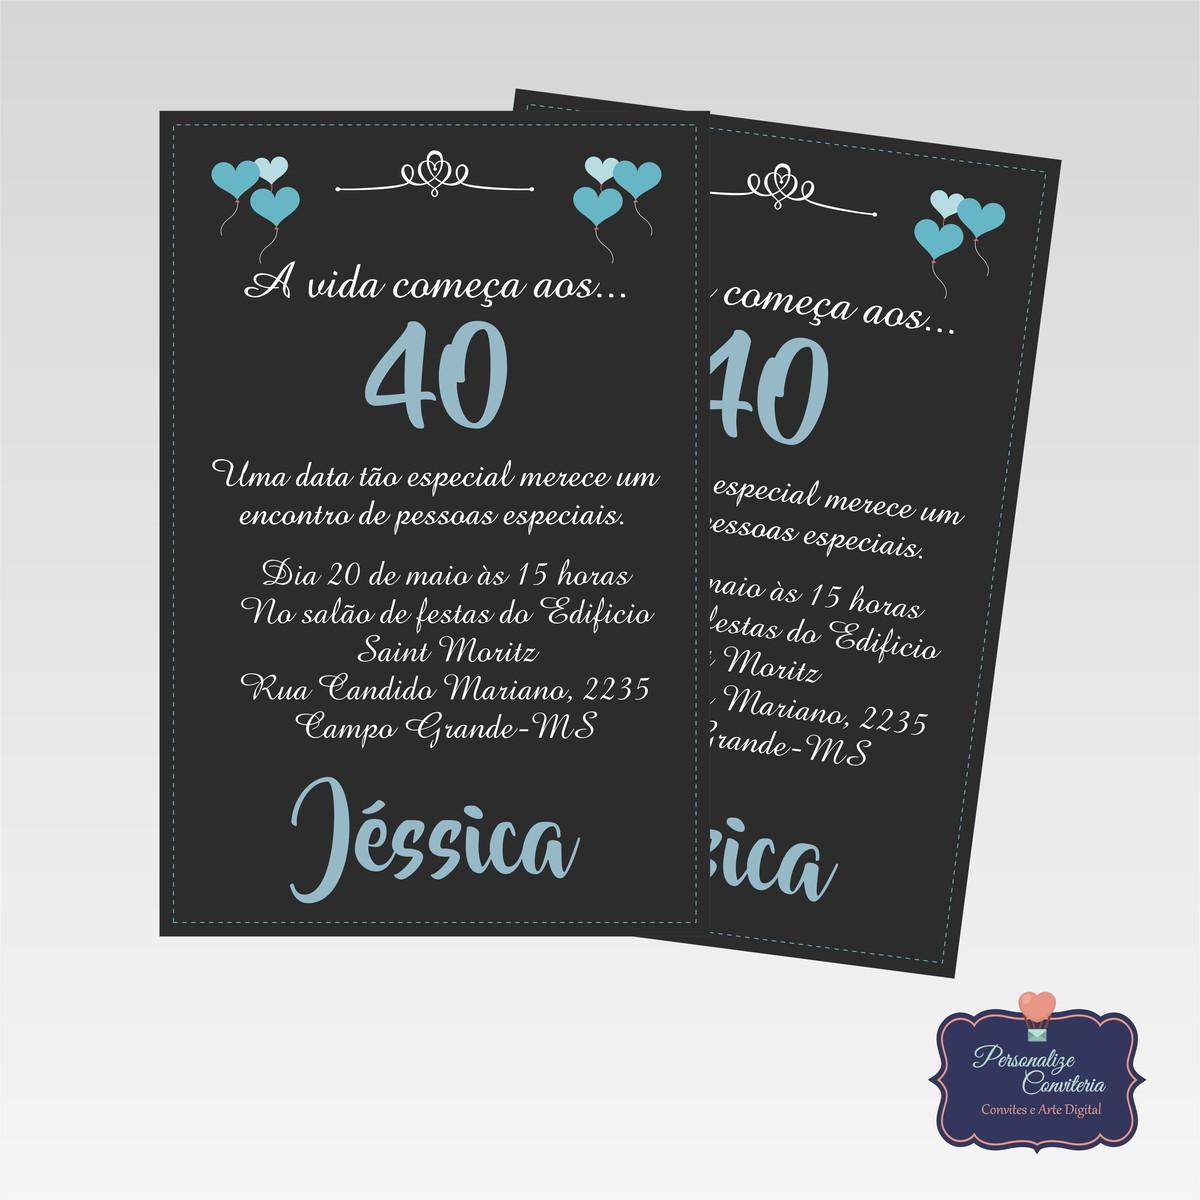 Convite Aniversário Adulto No Elo7 Personalize Conviteria 93d657